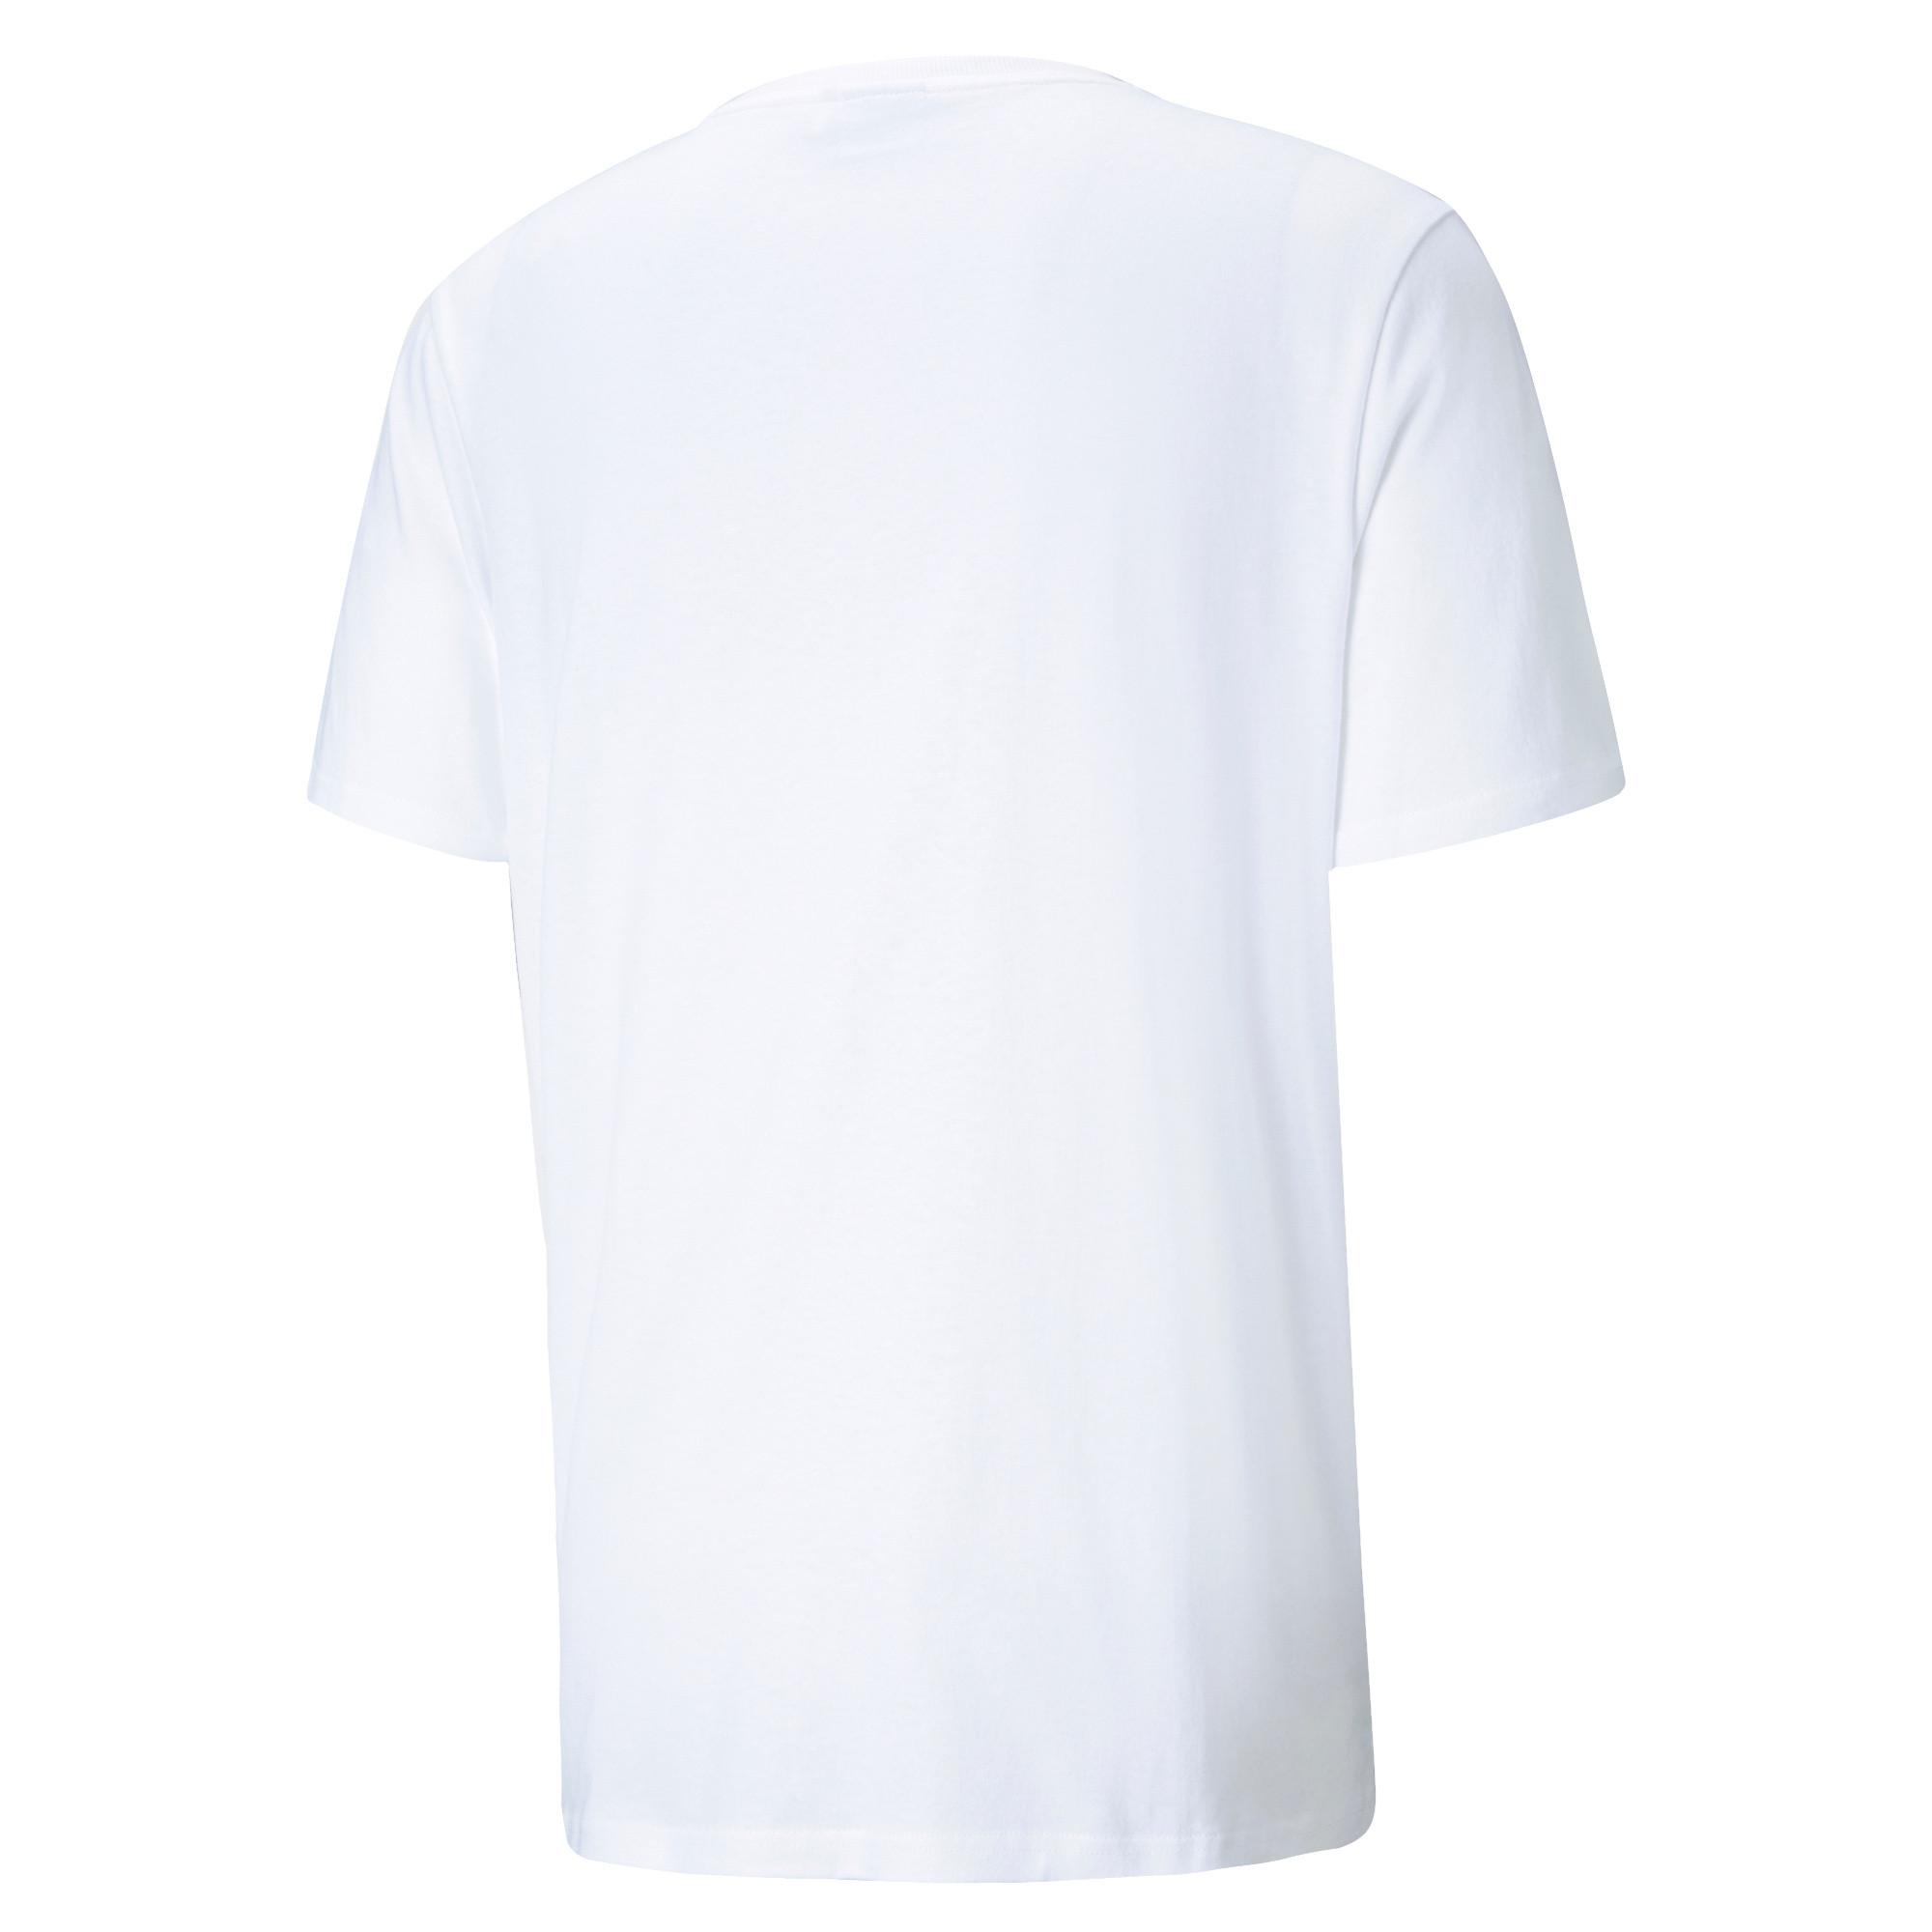 T-shirt uomo, Bianco, large image number 1